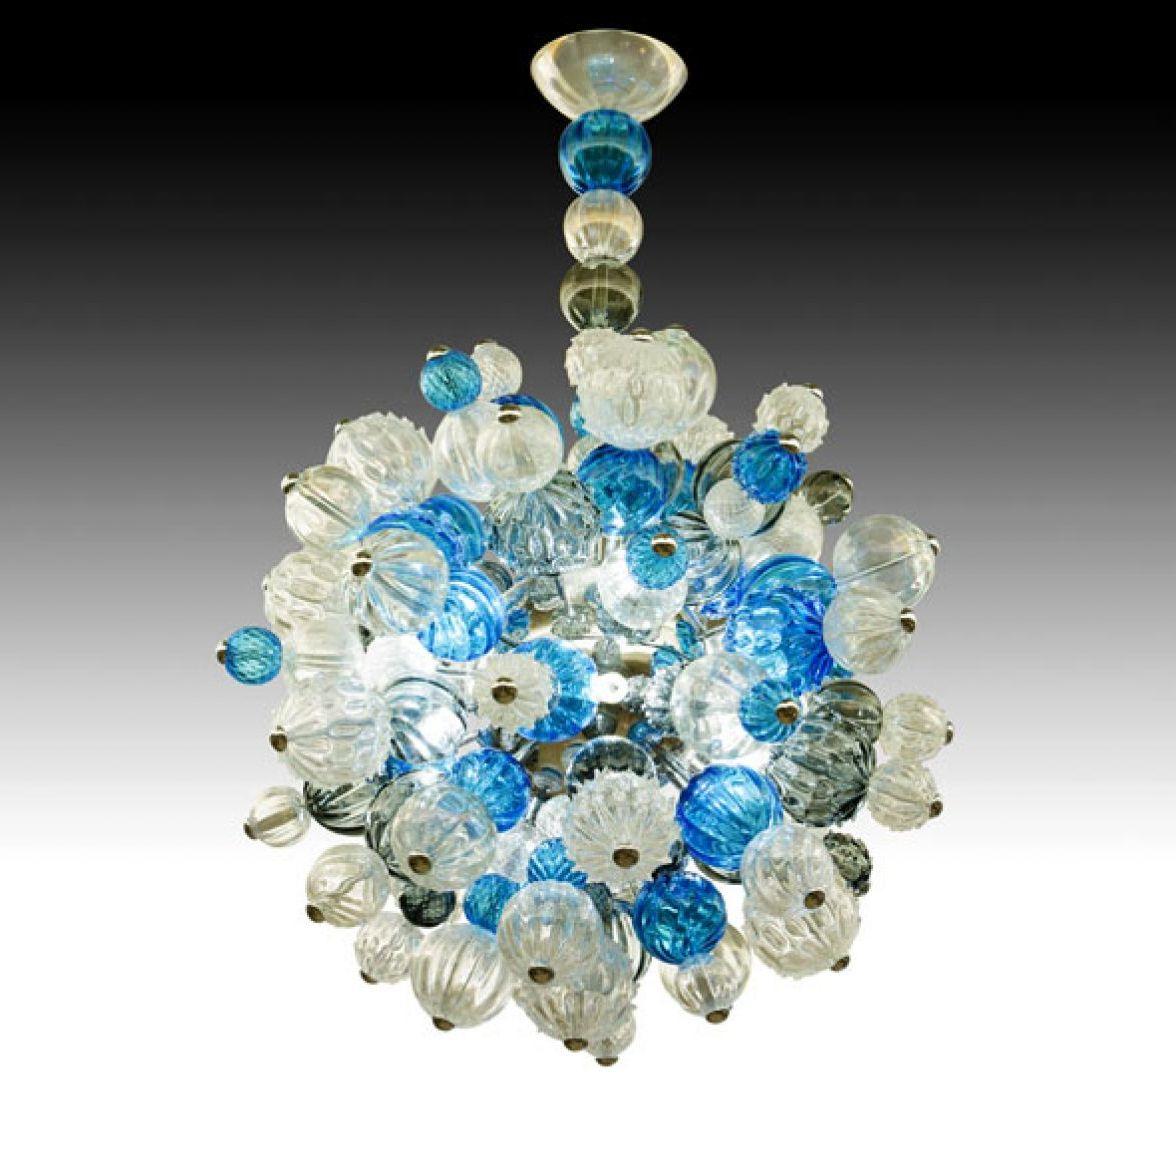 Mori Sfera chandelier